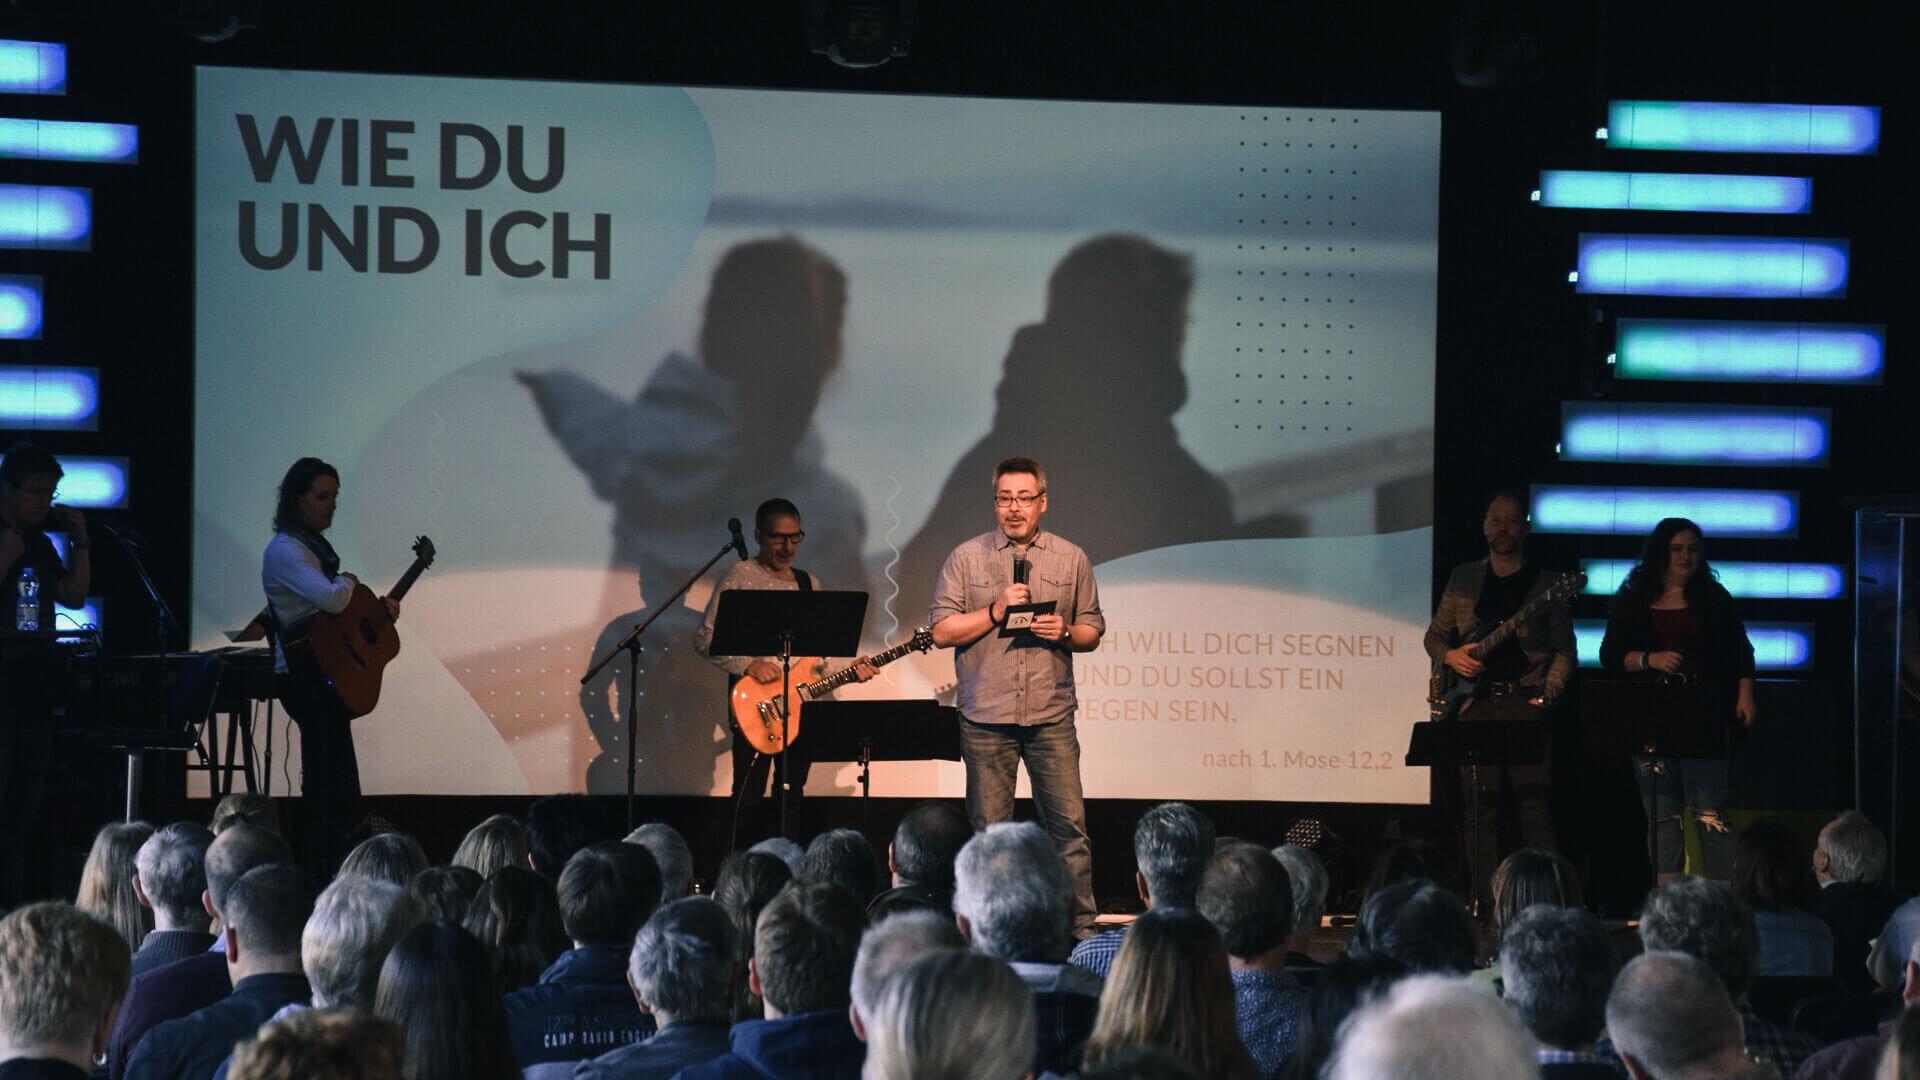 Gottesdienst_wieduundich_2020